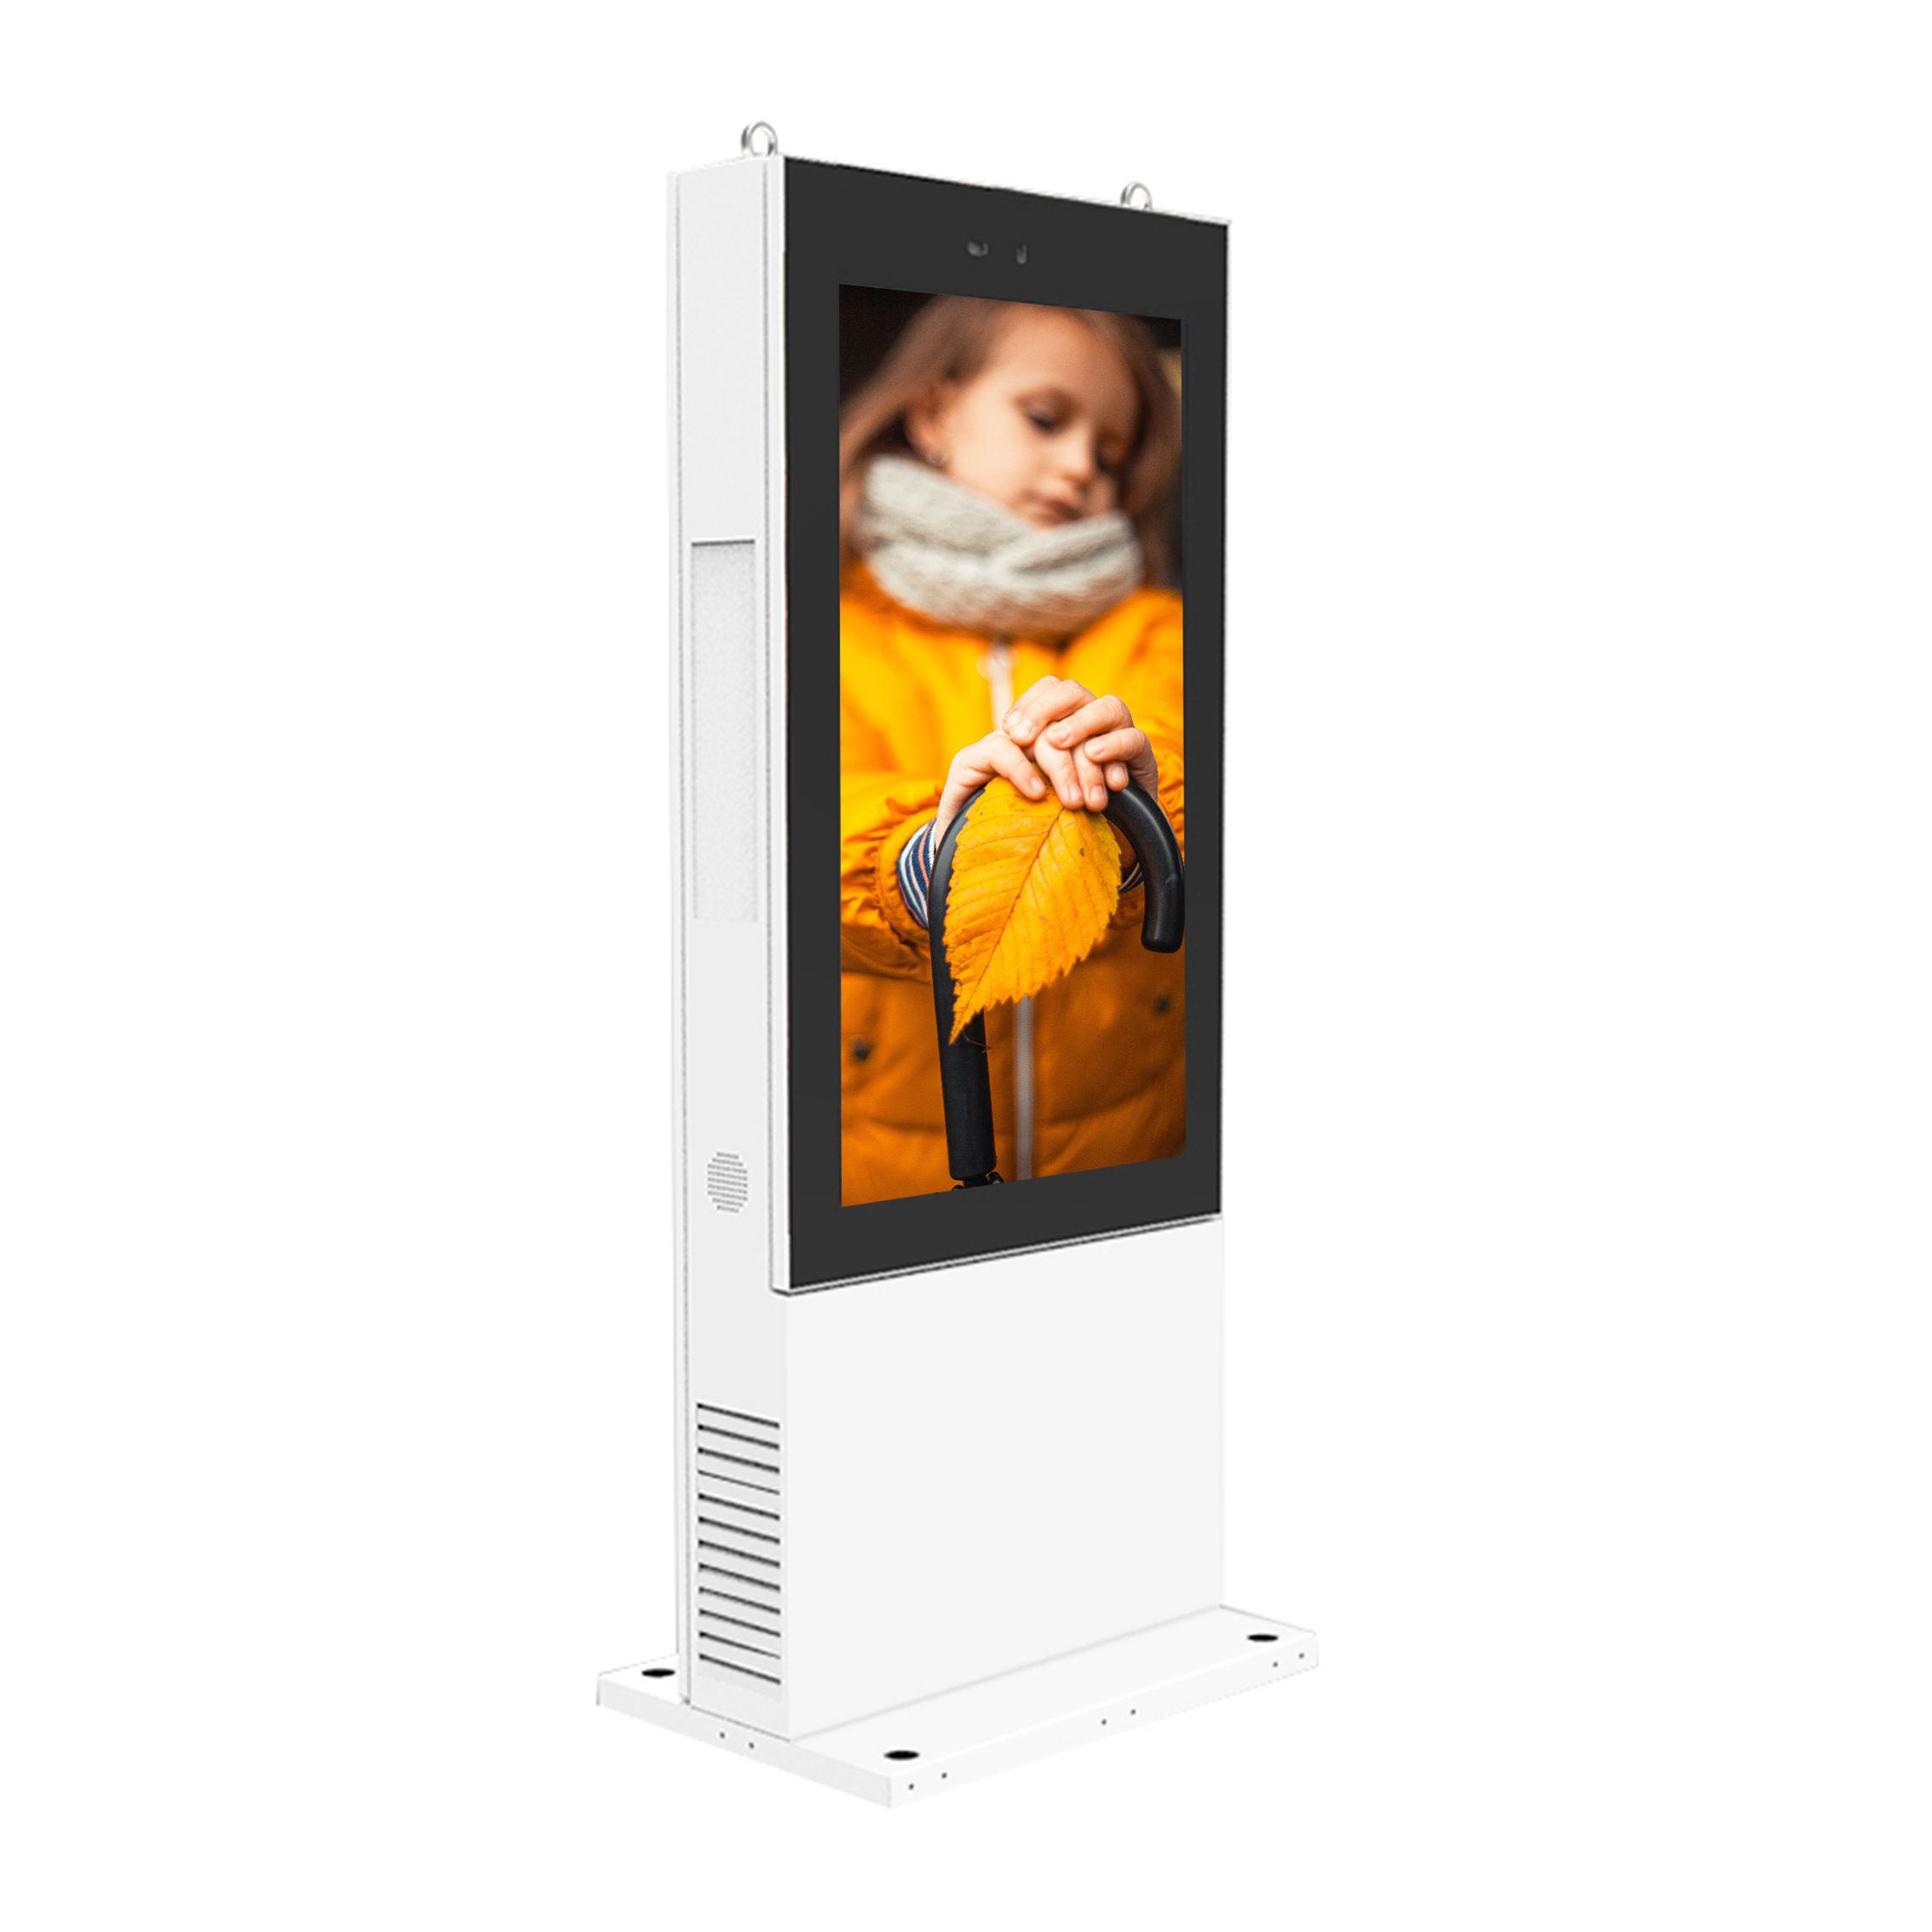 Di alta Qualità di Grandi Dimensioni Personalizzato Schermo sunliht leggibile Display Esterno, la pubblicità display <span class=keywords><strong>LCD</strong></span> Esterno